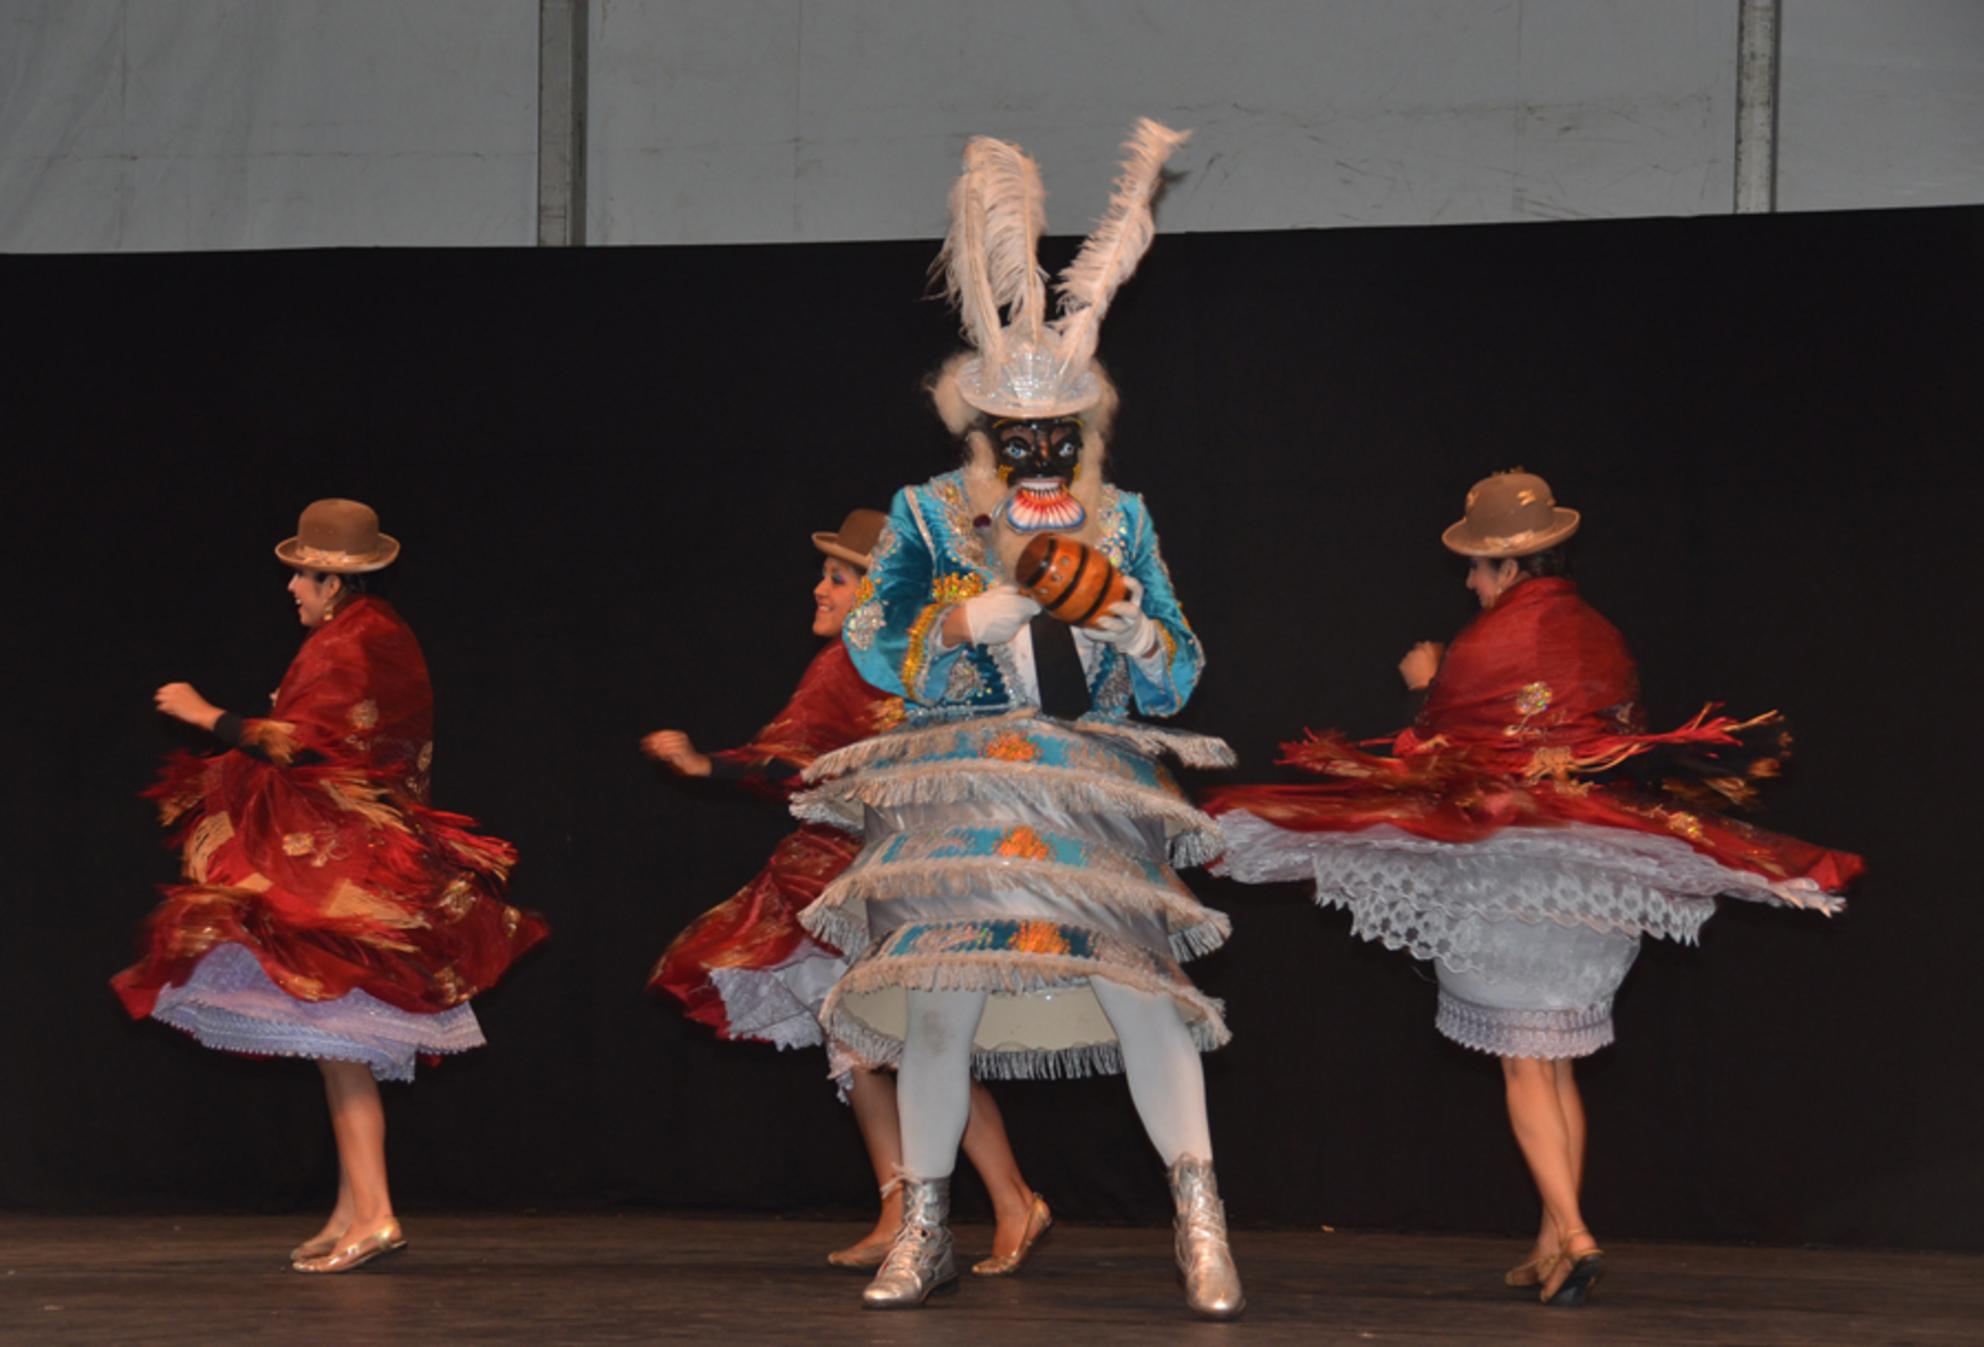 Hello Schoten 2015 Bolivië - Tijdens het werelddansfestival in Schoten: een carnavaldans uit Bolivië. - foto door MyriamVE op 23-07-2015 - deze foto bevat: carnaval, schoten, bolivie, werelddansfestival, hello! schoten - Deze foto mag gebruikt worden in een Zoom.nl publicatie